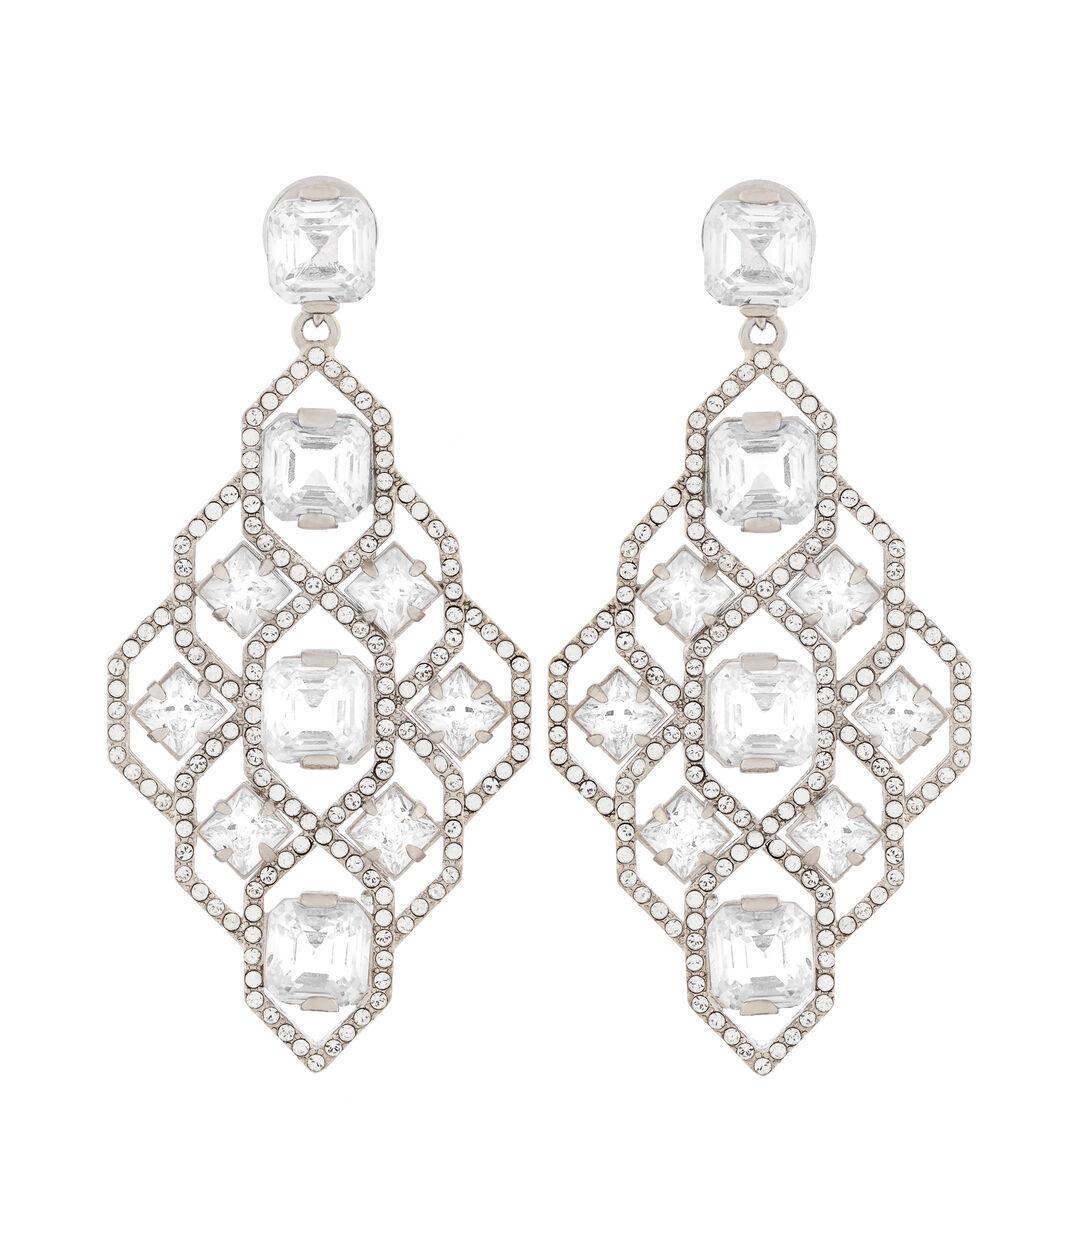 Classic Diamond Chandelier Earrings – Black Diamond Chandelier Earrings